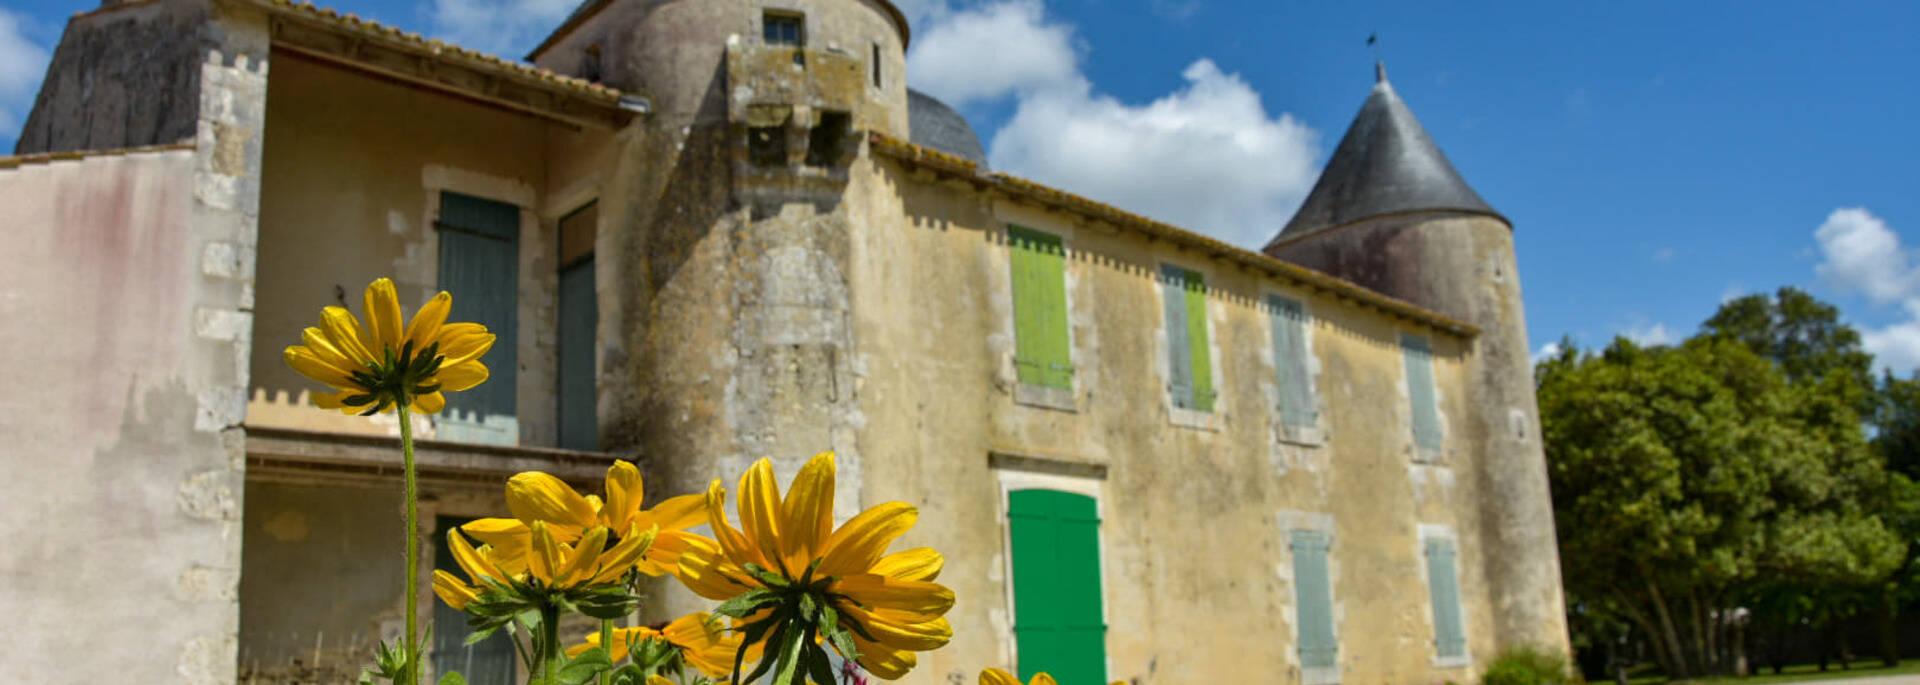 Château de Bonnemie sur l'île d'Oléron - ©Sabia's Pictures